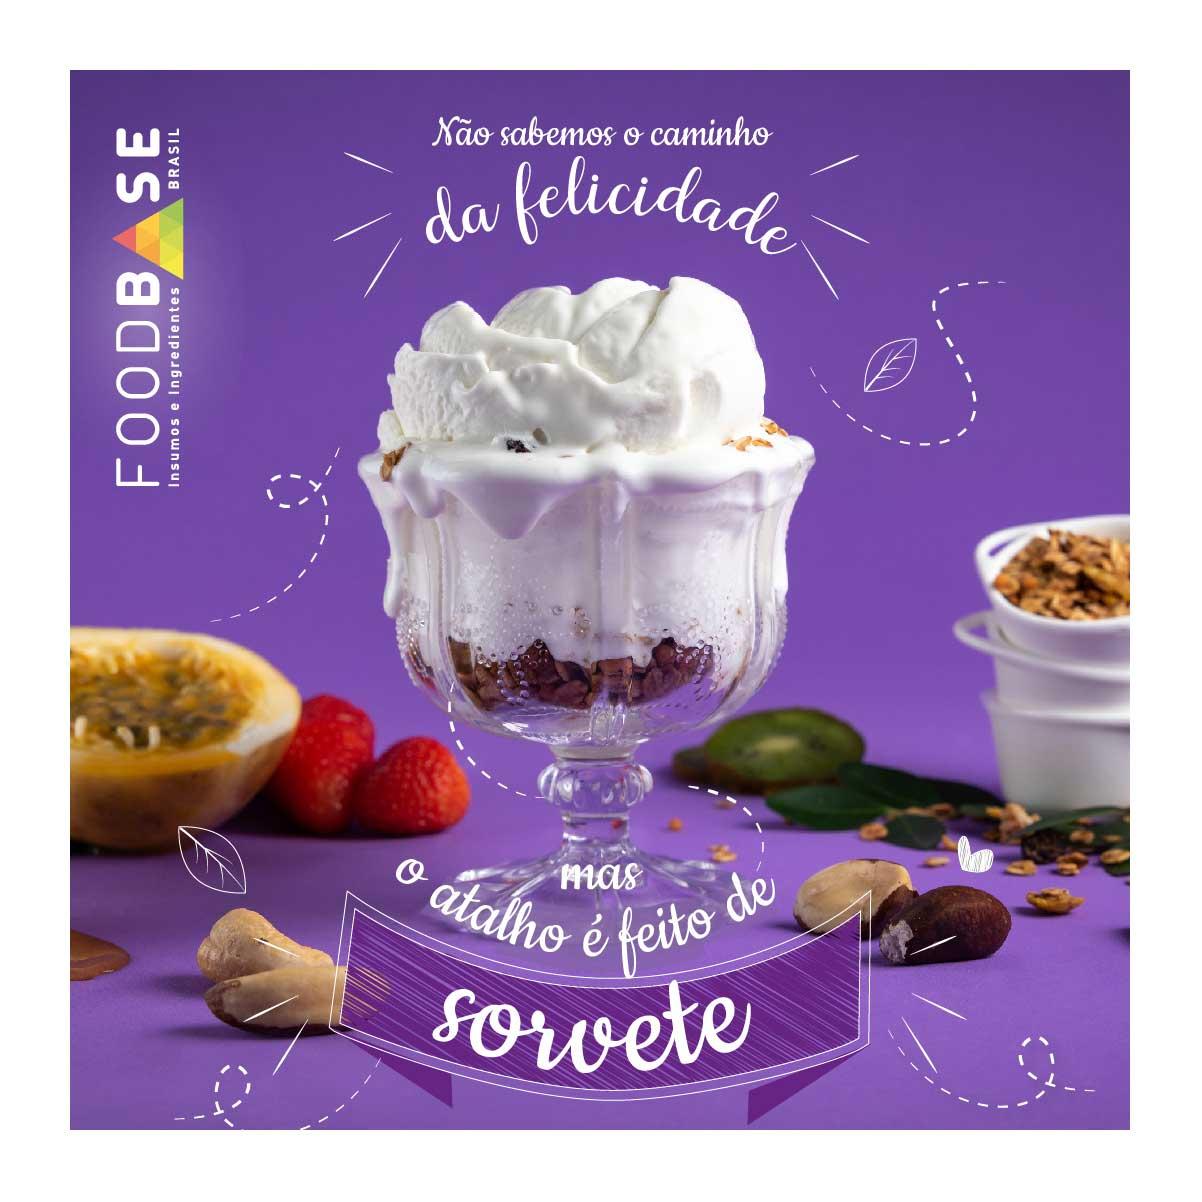 Sorvete de Iorgute italino na taça, feito com os produtos Foodbase. Compõe a cena, fundo lilás, frutas e granola e ainda a frase: &quote;Não sabemos o caminho da felicidade mas no atalho tem sorvete.&quote;